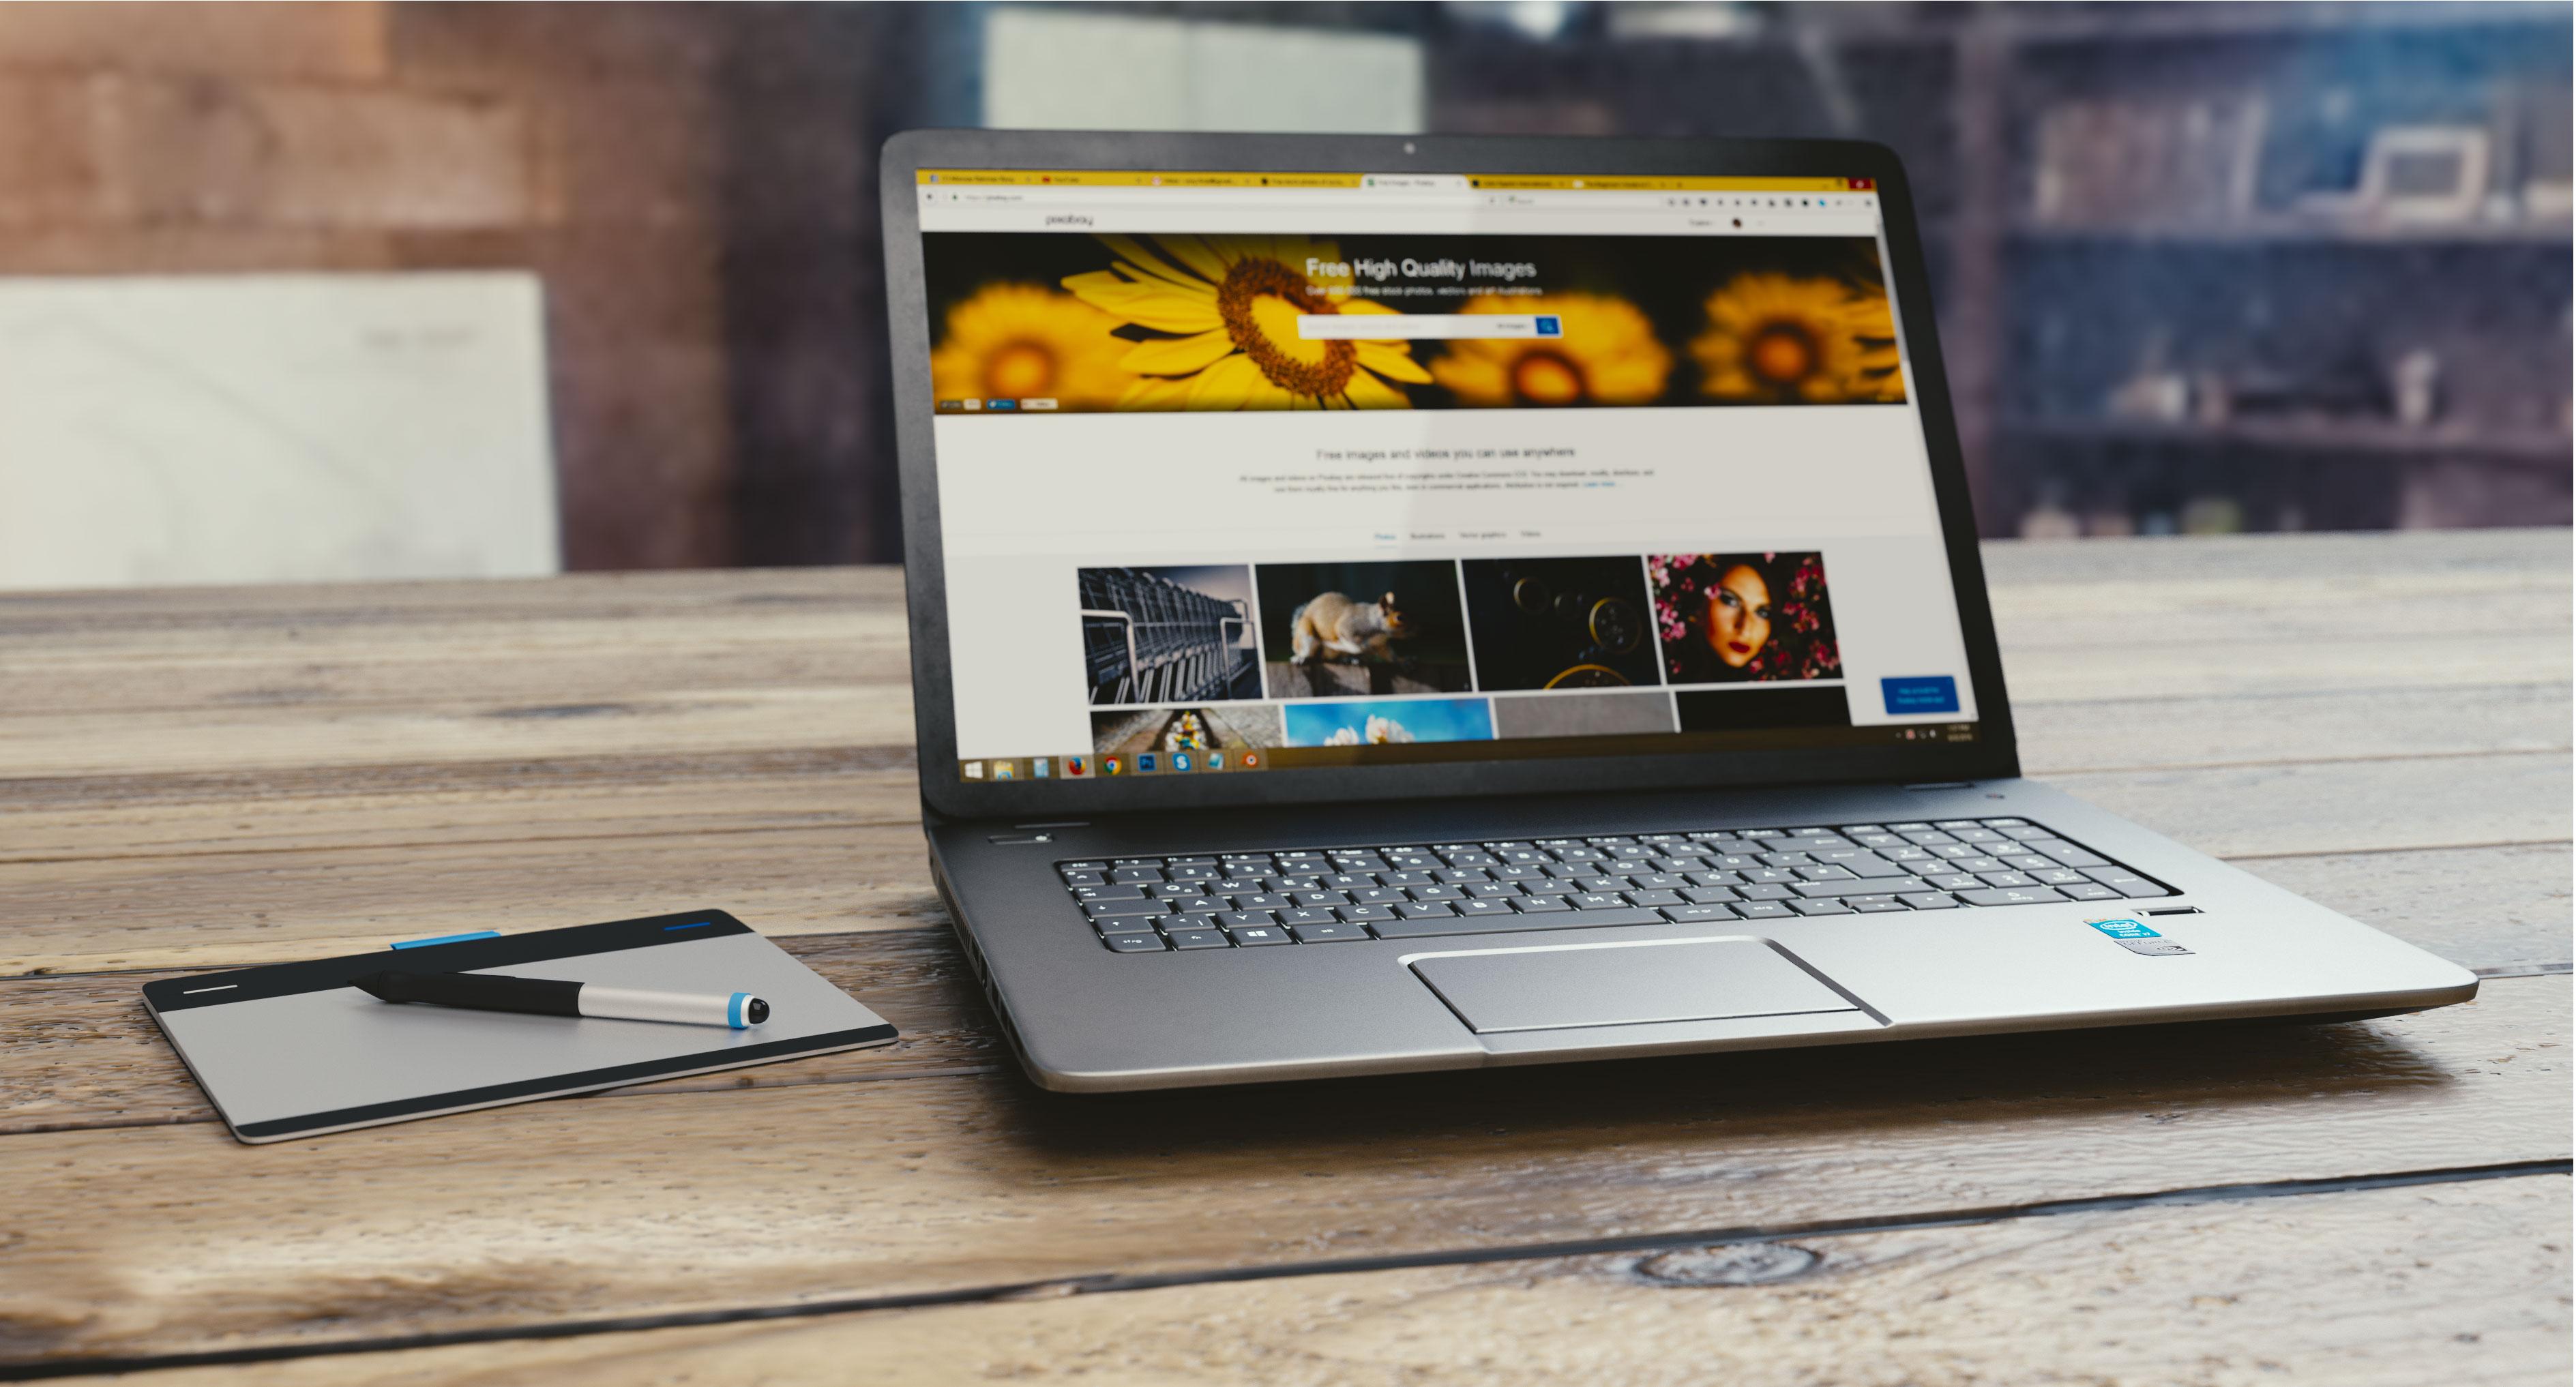 iCloud per Windows: come scaricarlo e usarlo sul PC